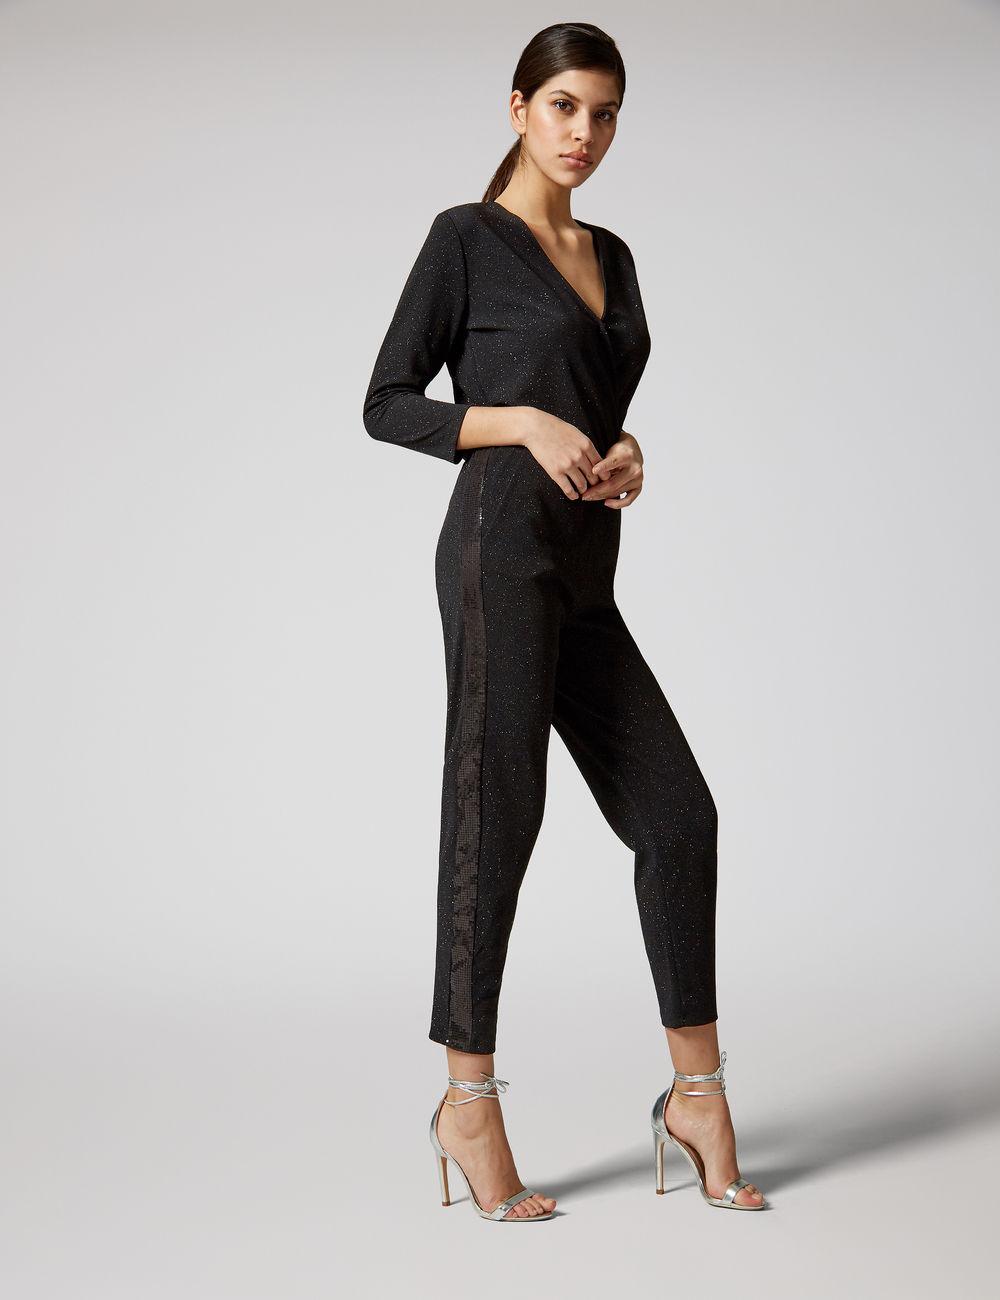 combinaison bandes sequins noir Jennyfer prix 24,99 €